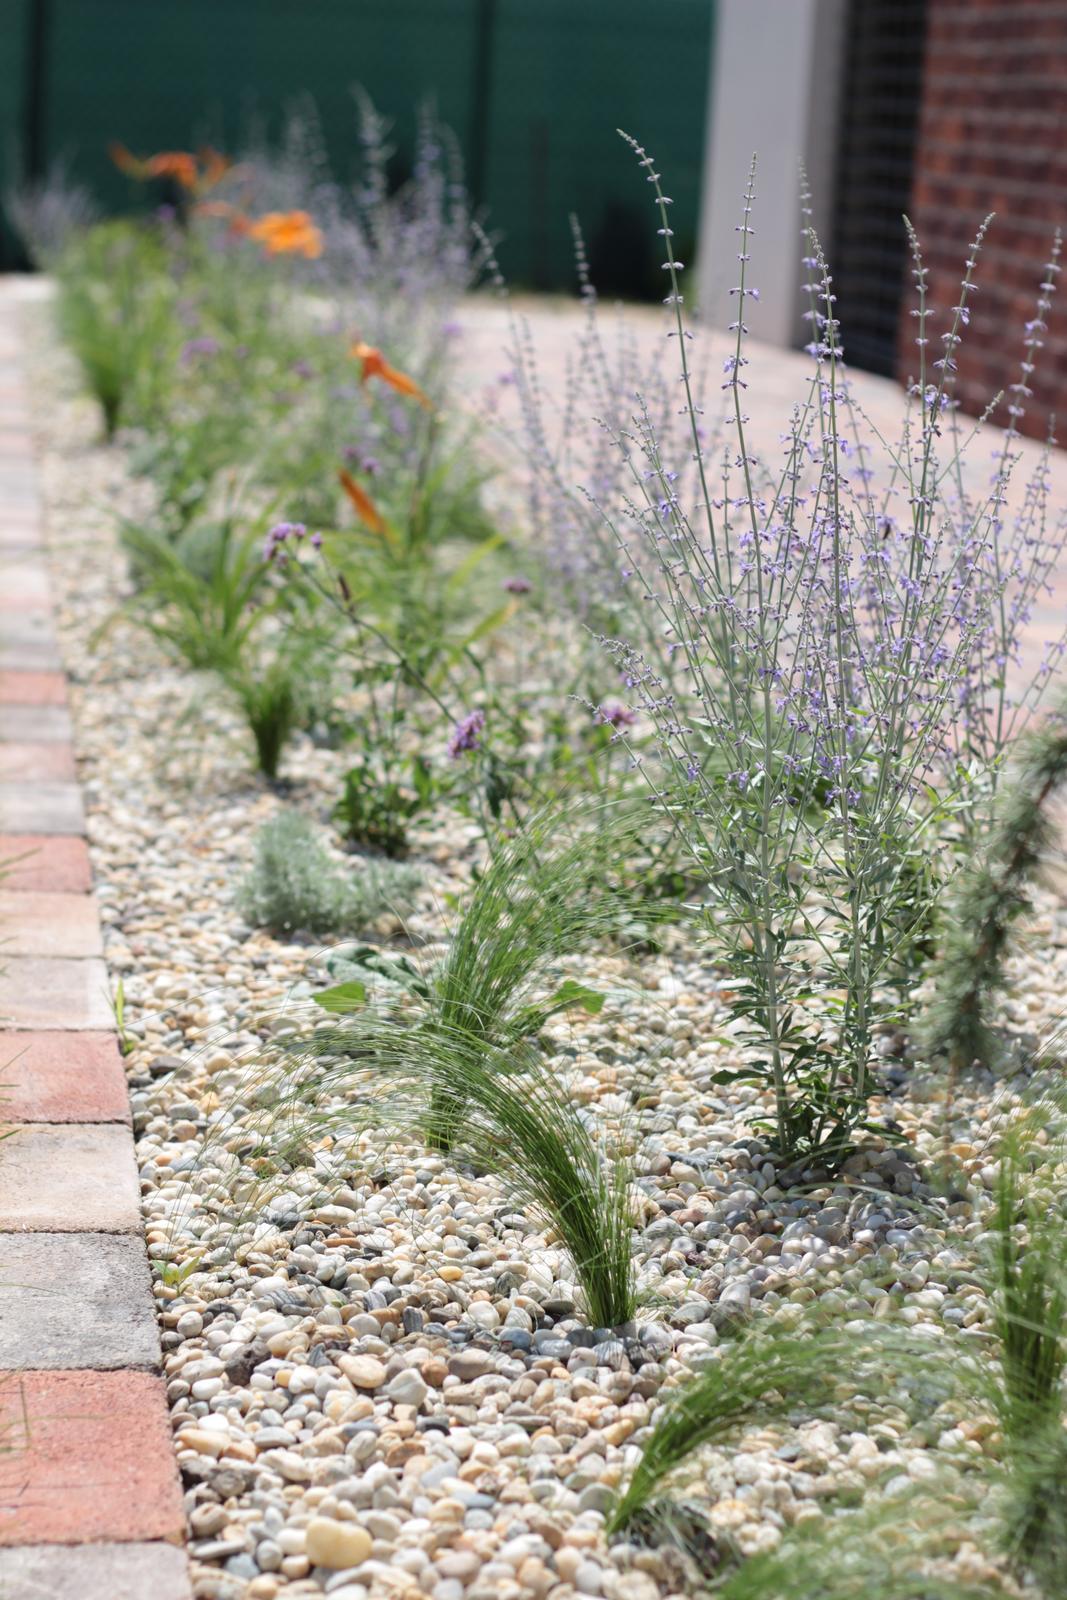 Exteriér - záhrada - Záhon trvaliek 2 týždne od výsadby